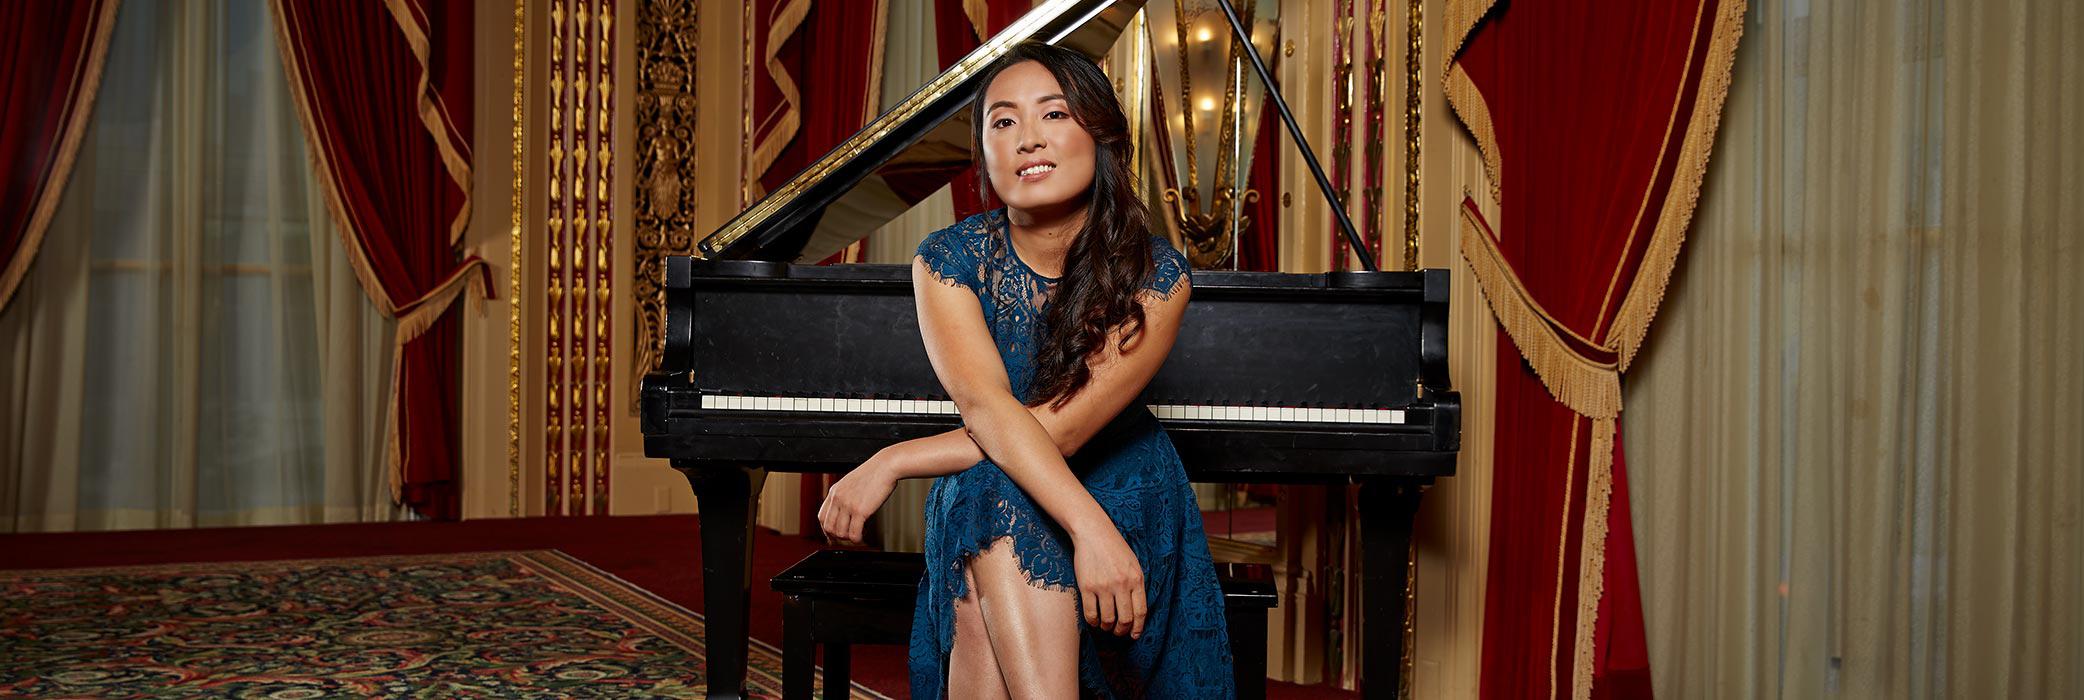 Tingting Yao at her piano